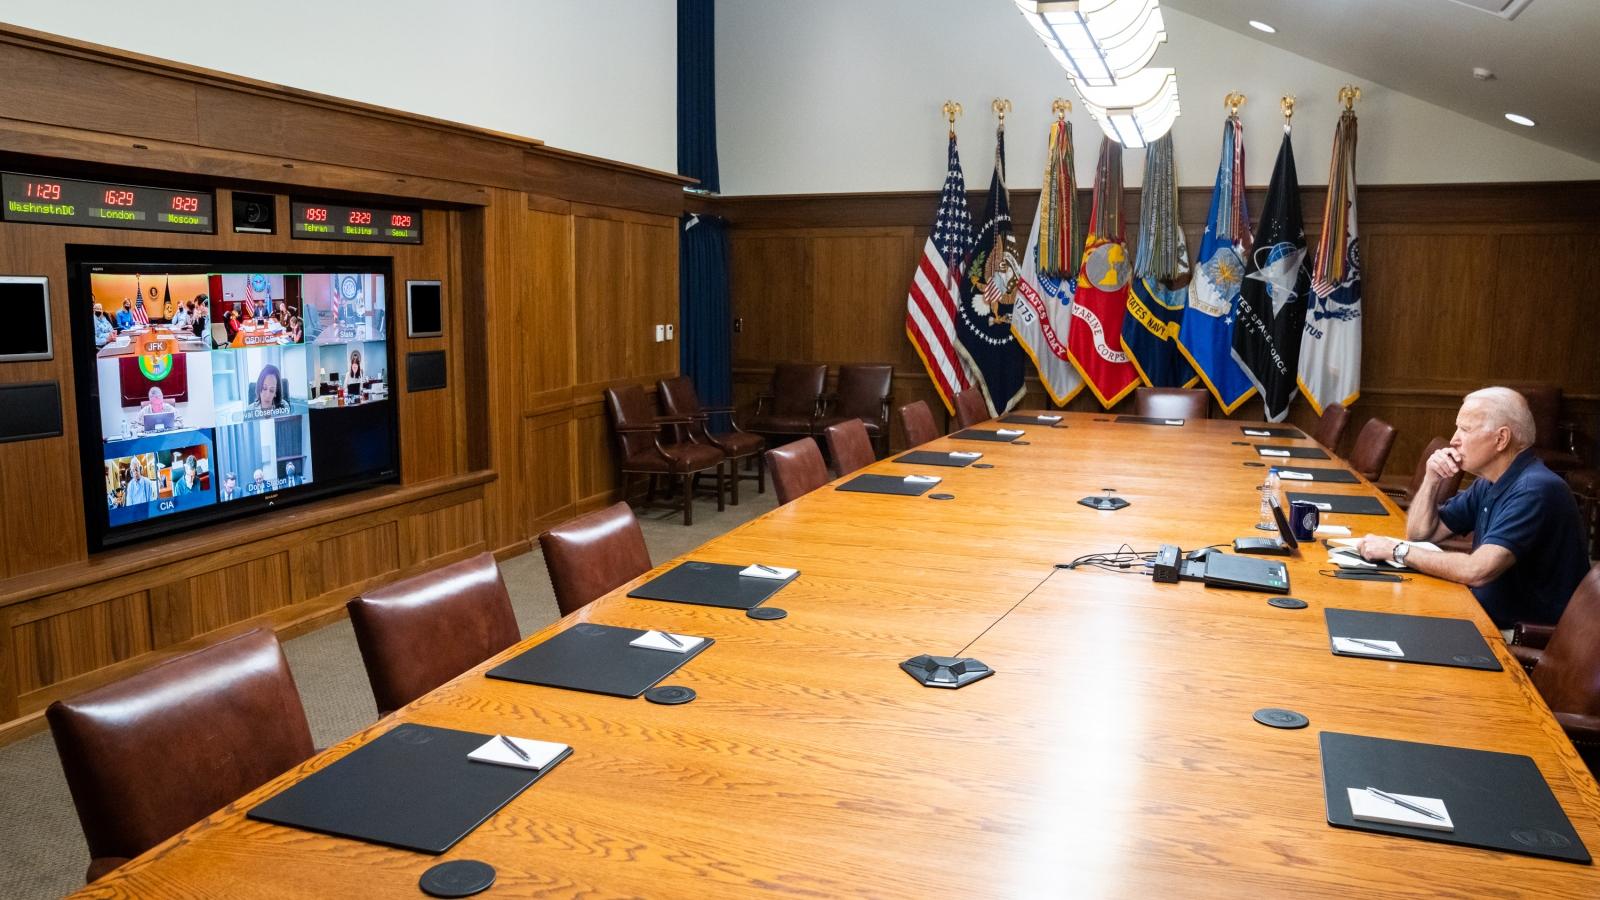 Thư ký báo chí Nhà Trắng được nghỉ, Biden im lặng khi Taliban kiểm soát Afghanistan